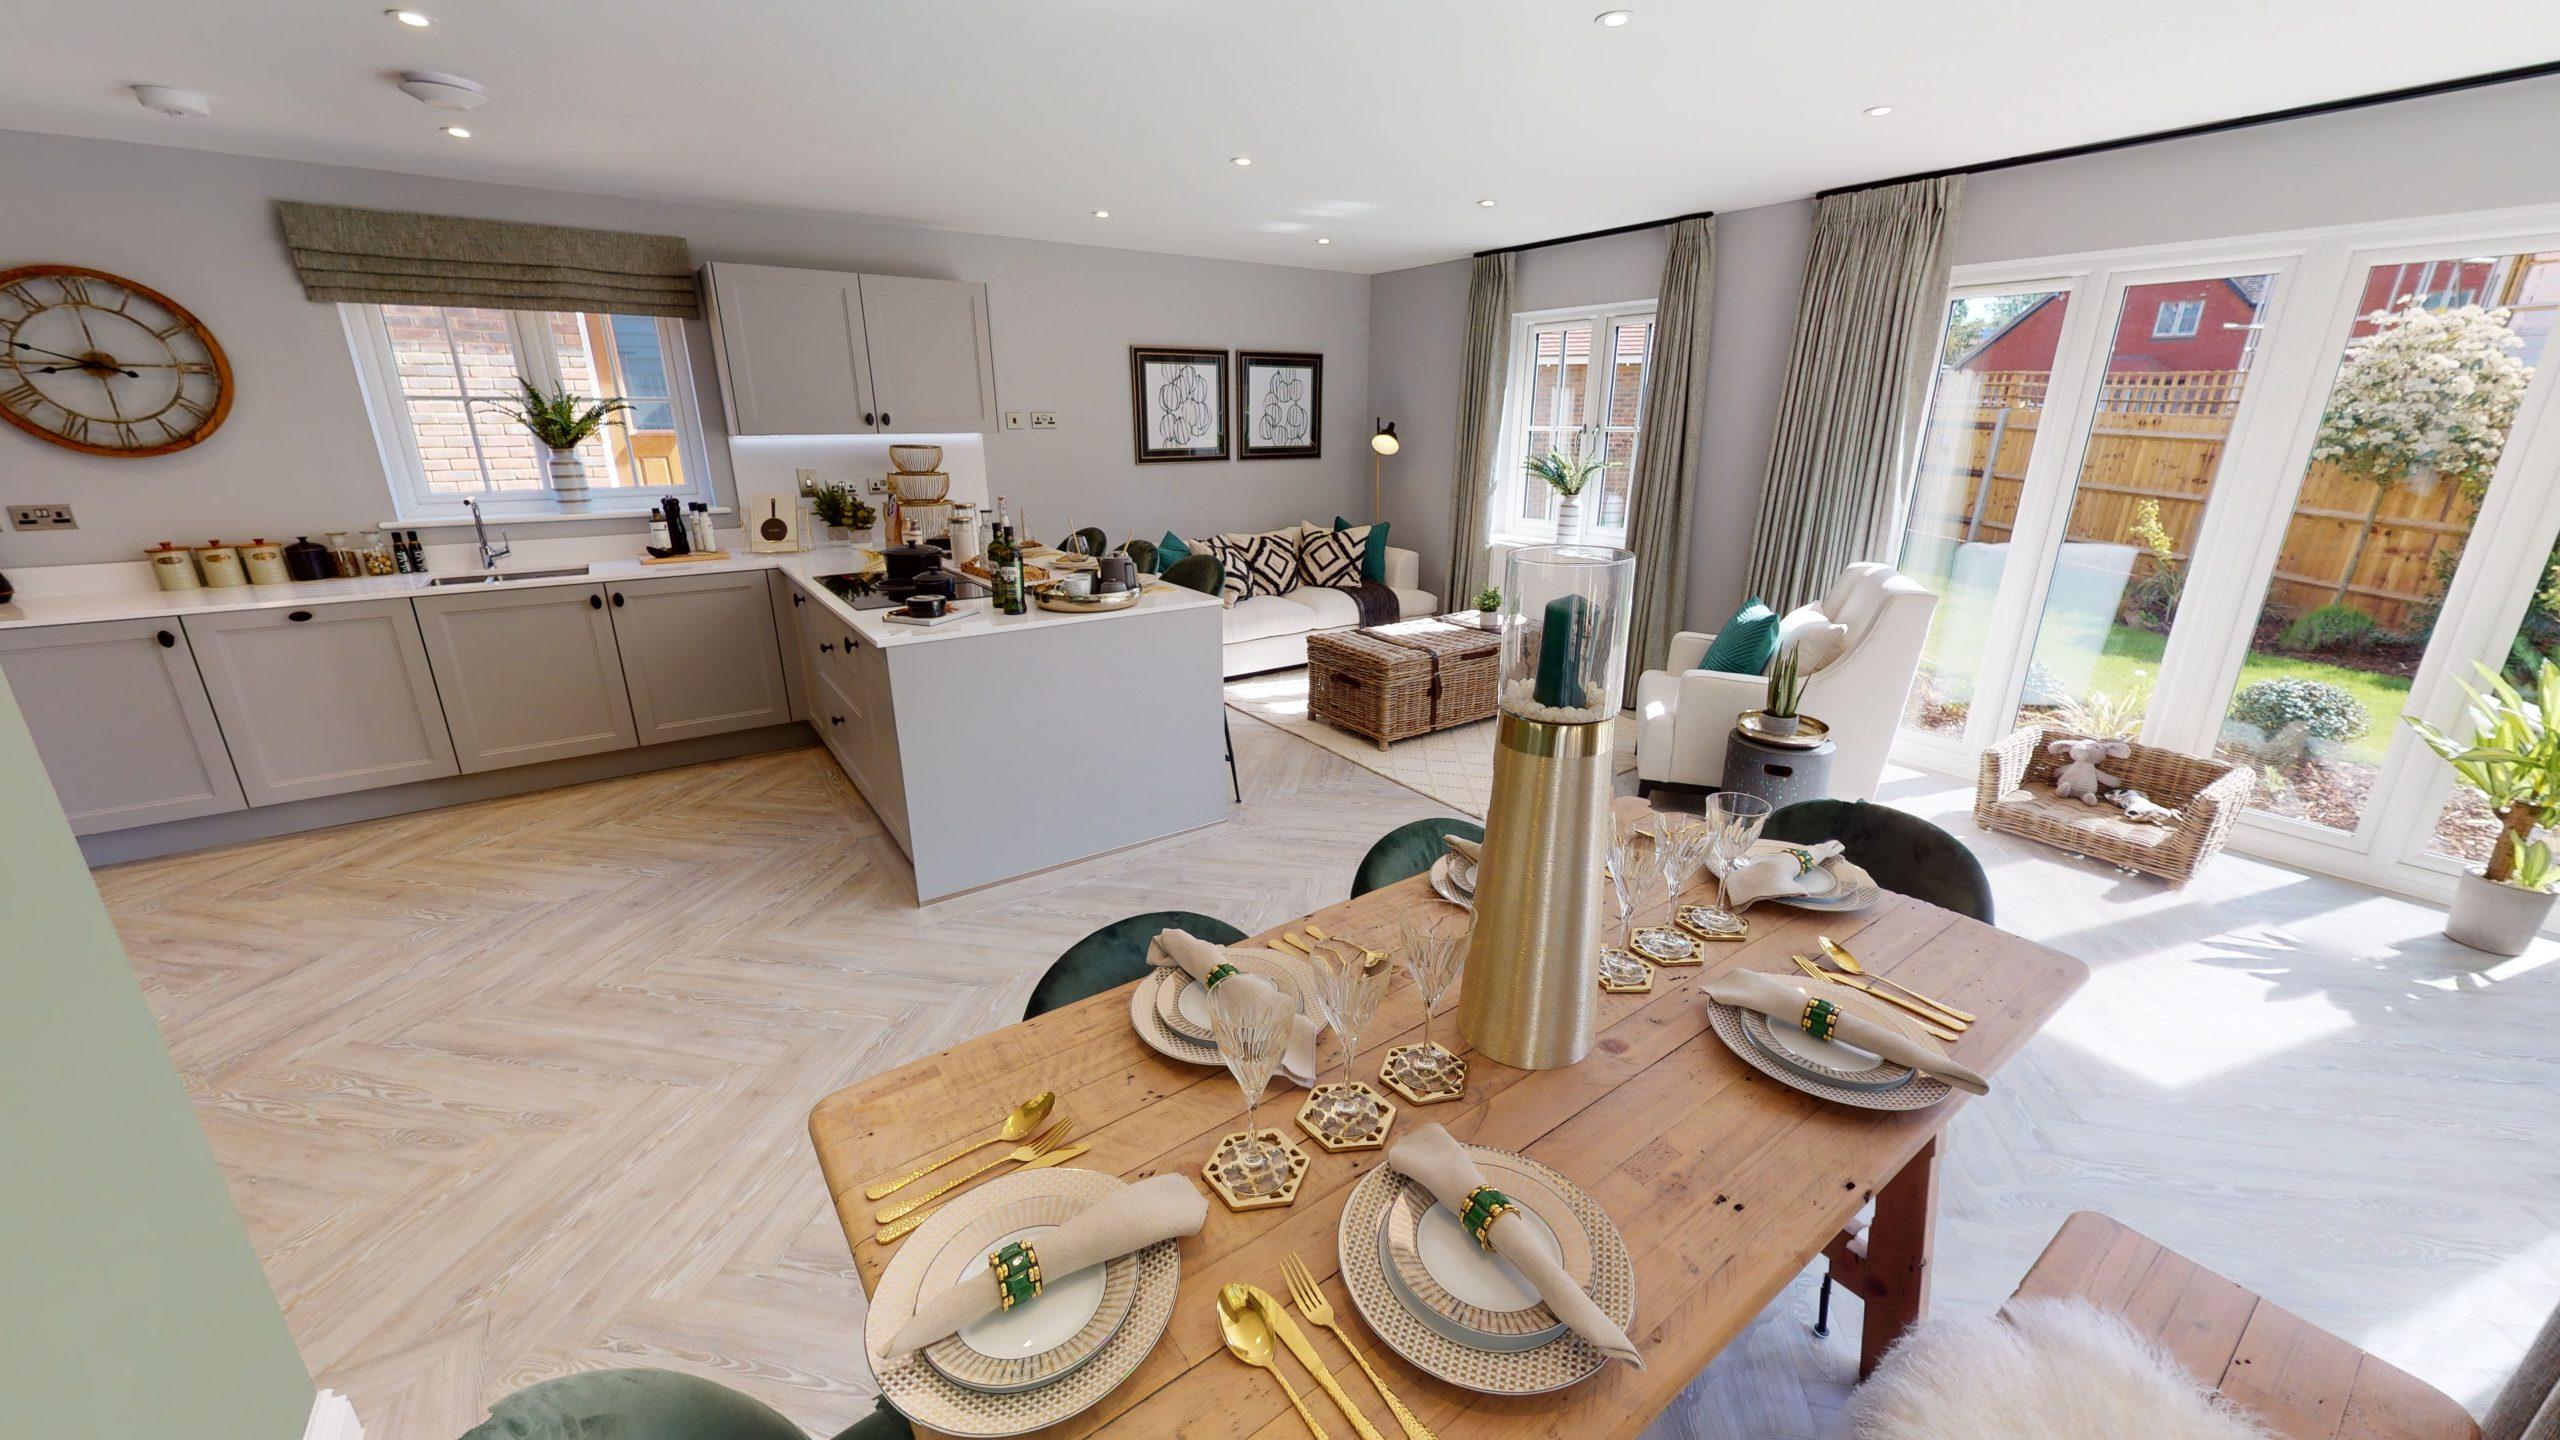 hawthornden yalding kitchen